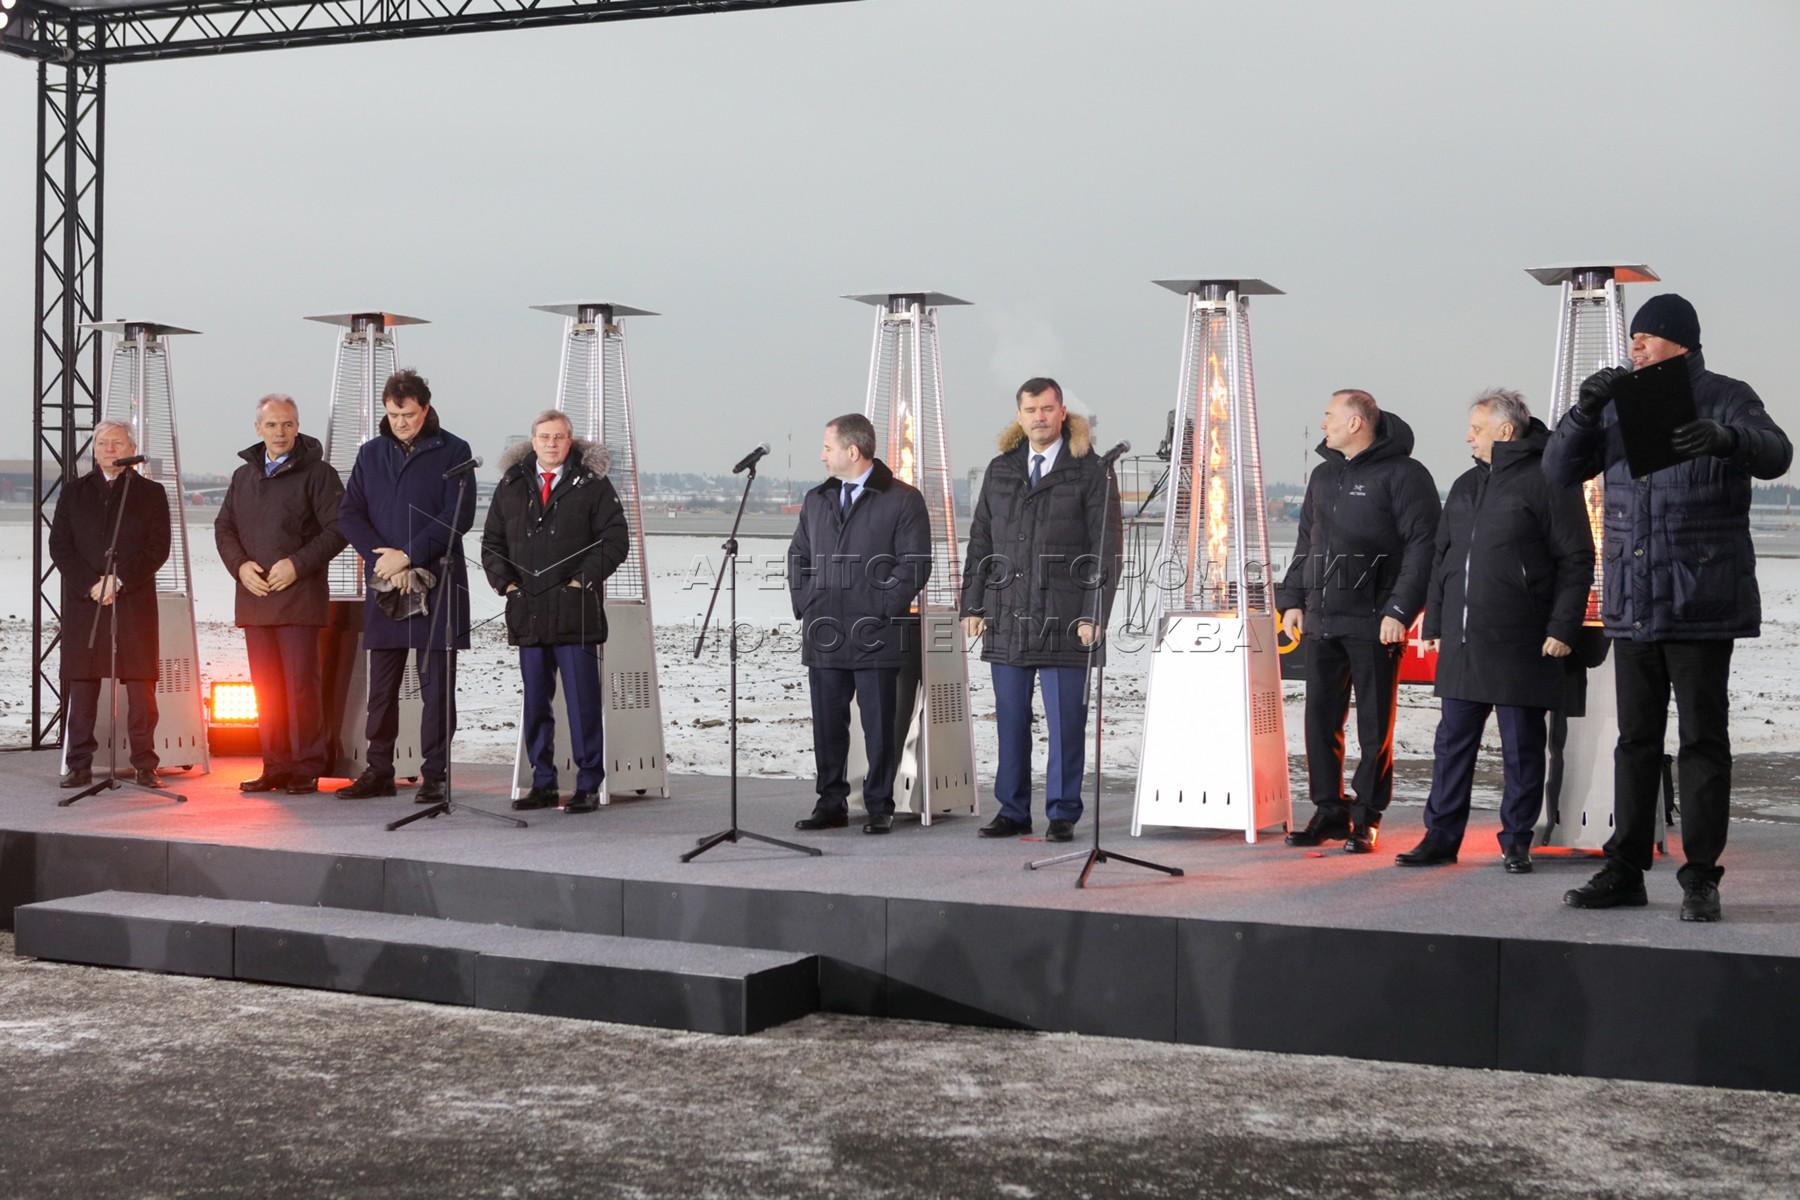 Открытие первой взлетно-посадочной полосы международного аэропорта Шереметьево после реконструкции.